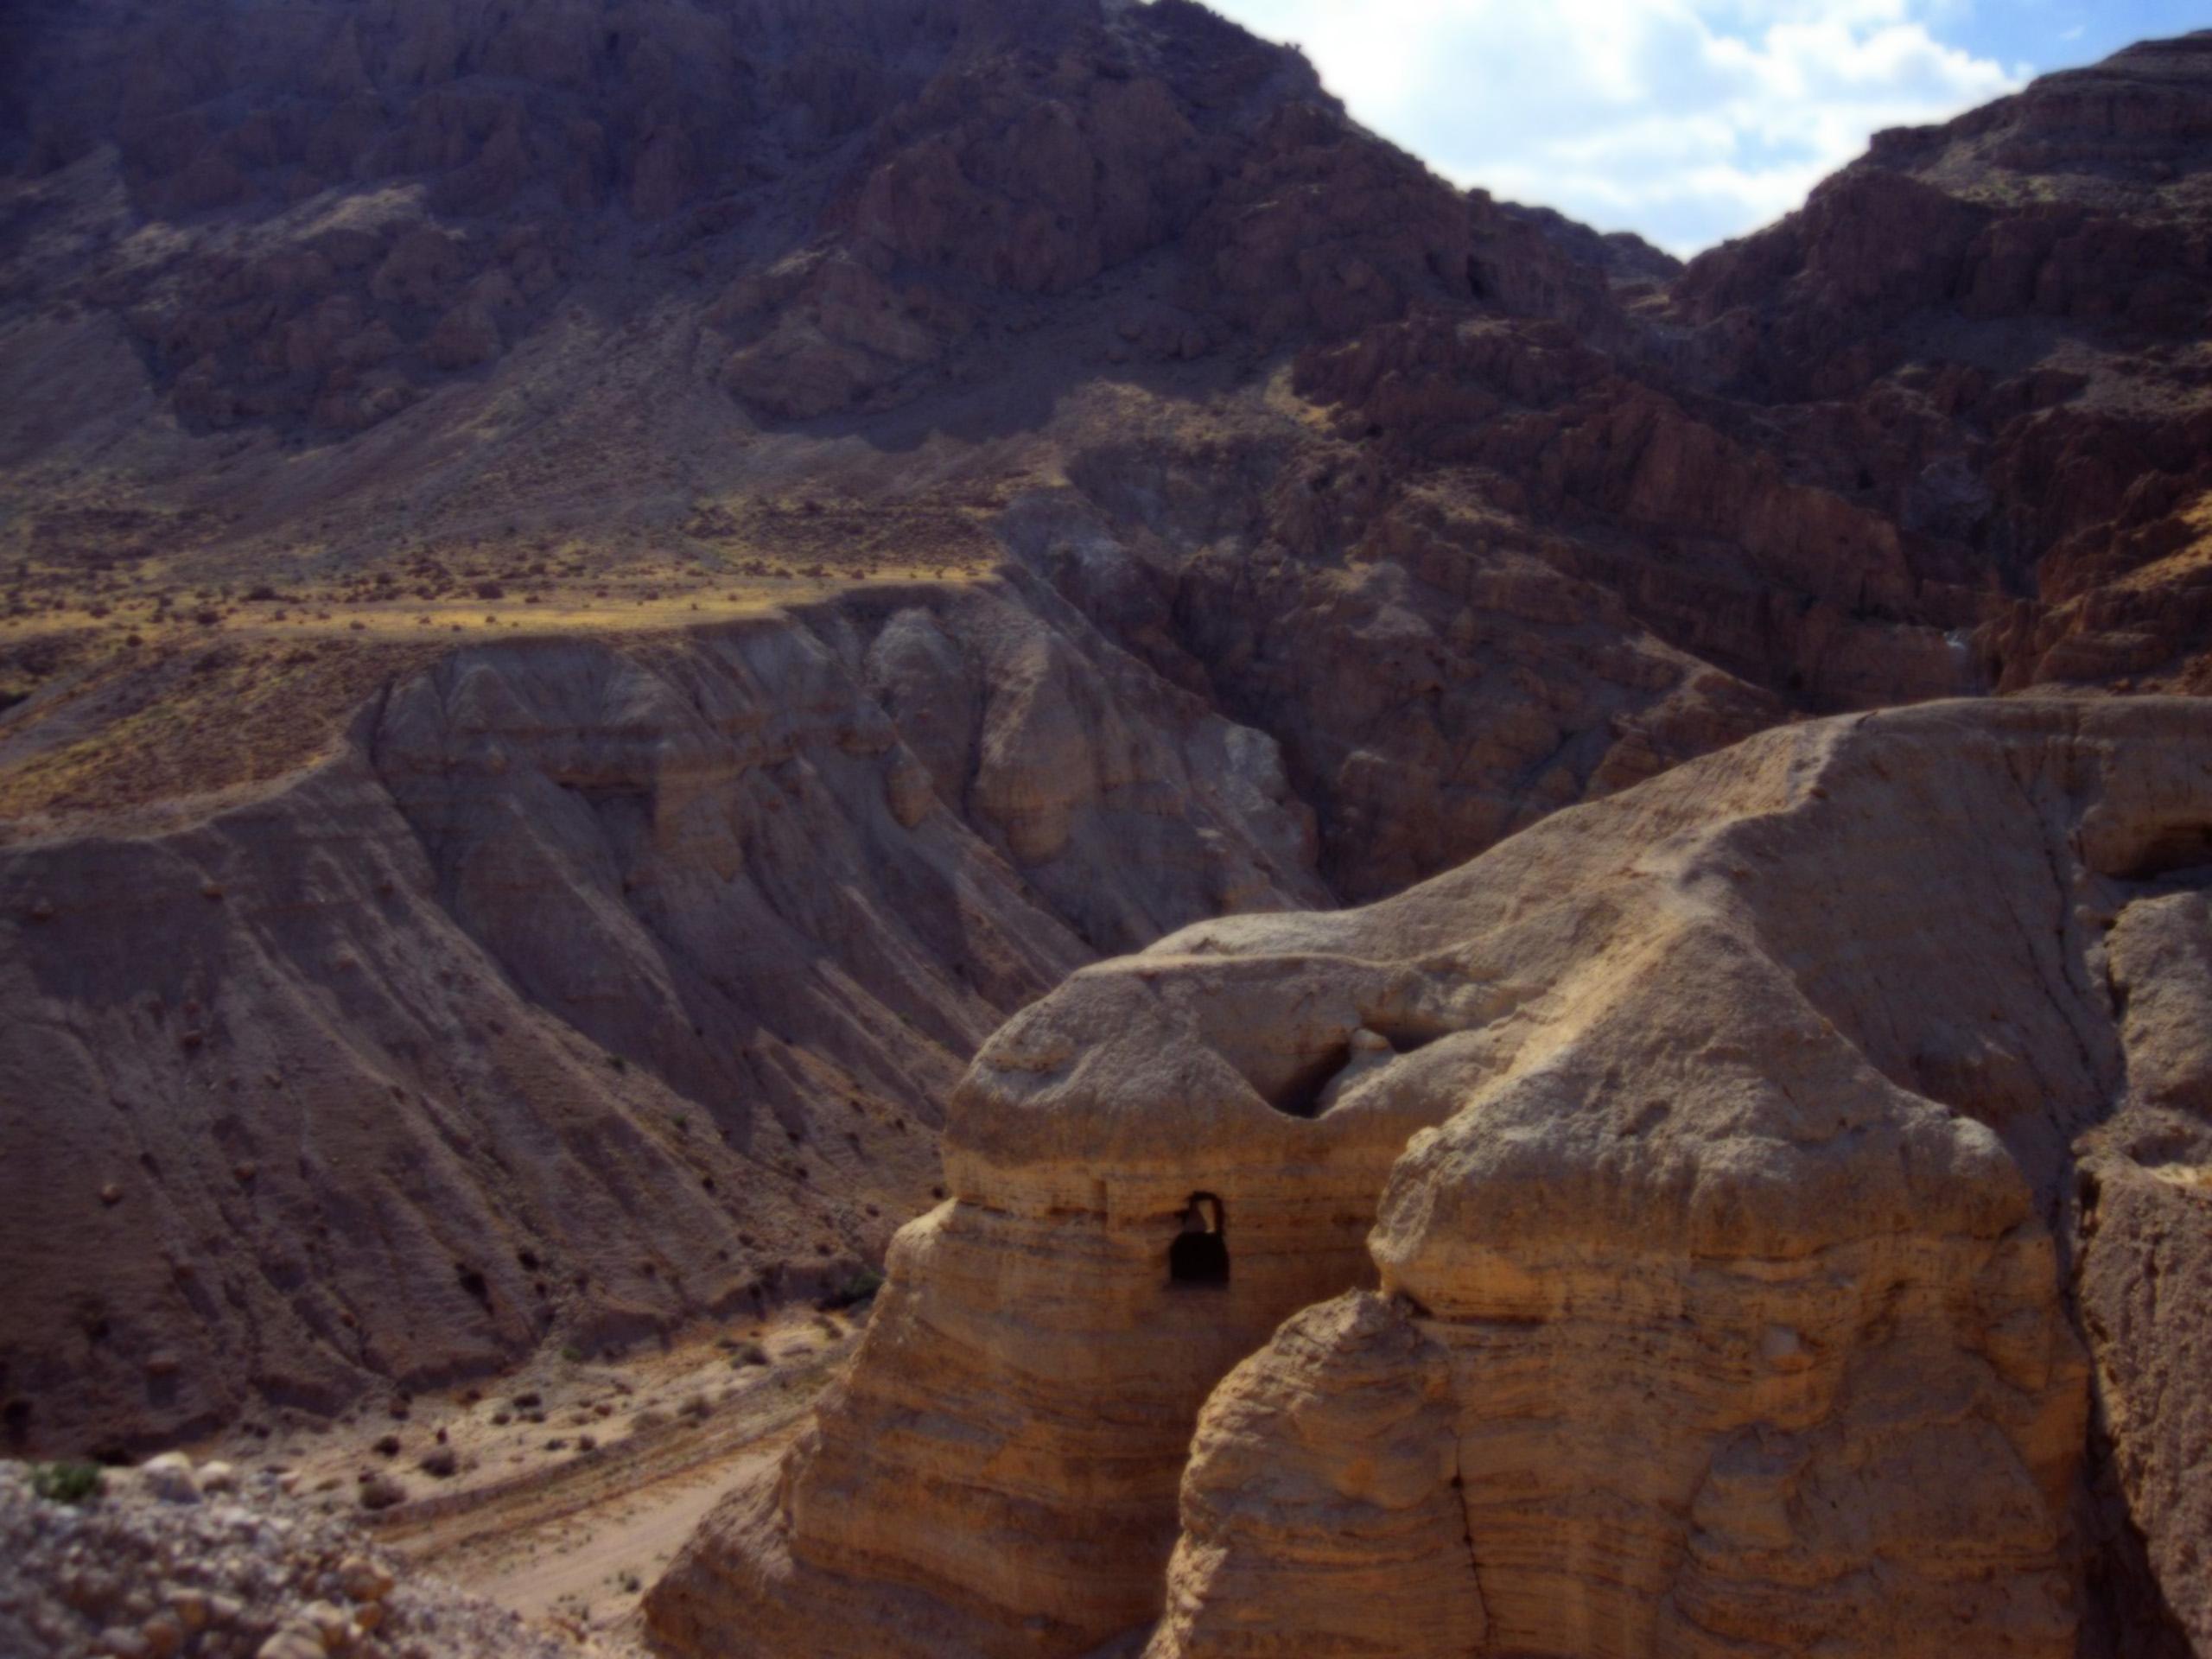 cave-of-the-dead-sea-scrolls-qumran-cave-4-israel-wallpaper_2560x1920_88464